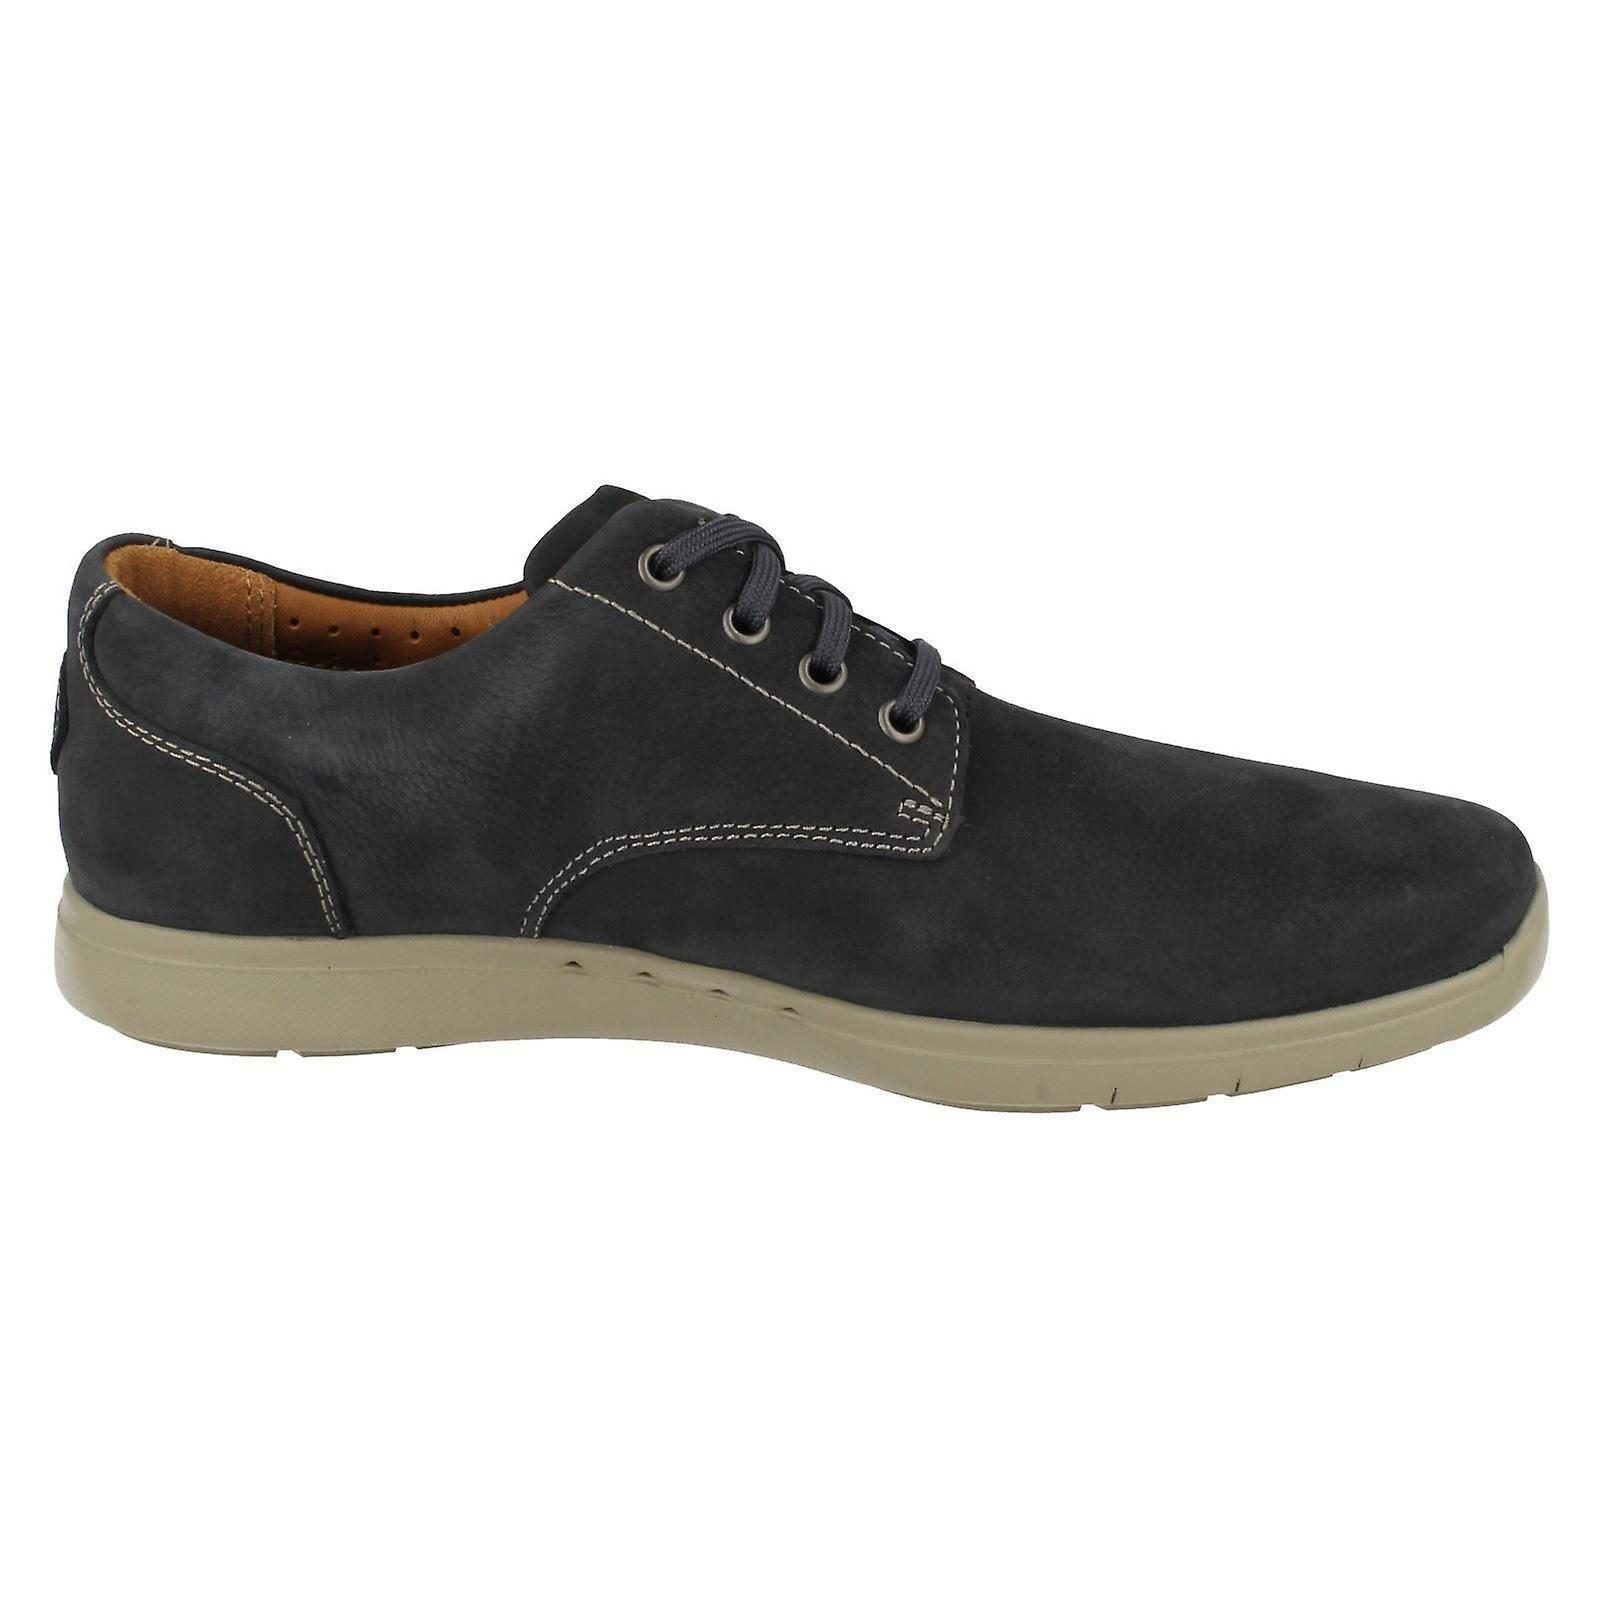 Mens Clarks STRINGATE non strutturati Casual scarpe Unlomac bordo DYrFlM